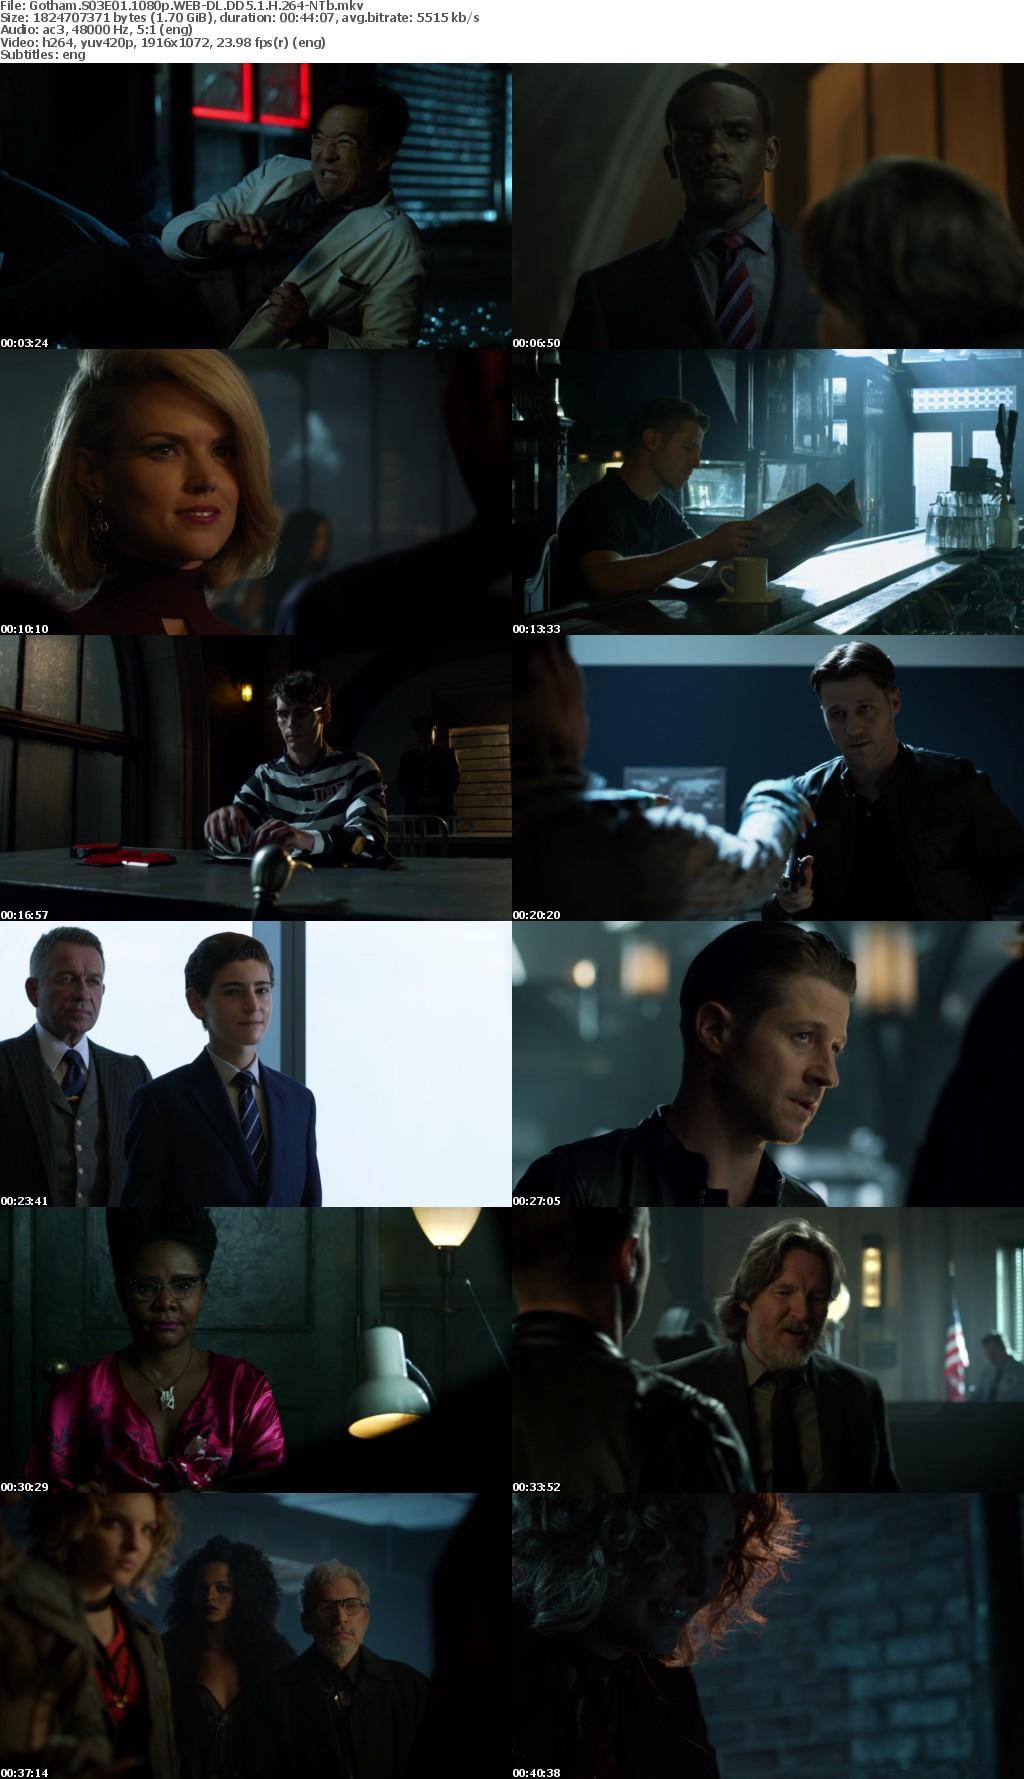 Gotham S03E01 1080p WEB-DL DD5 1 H 264-NTb